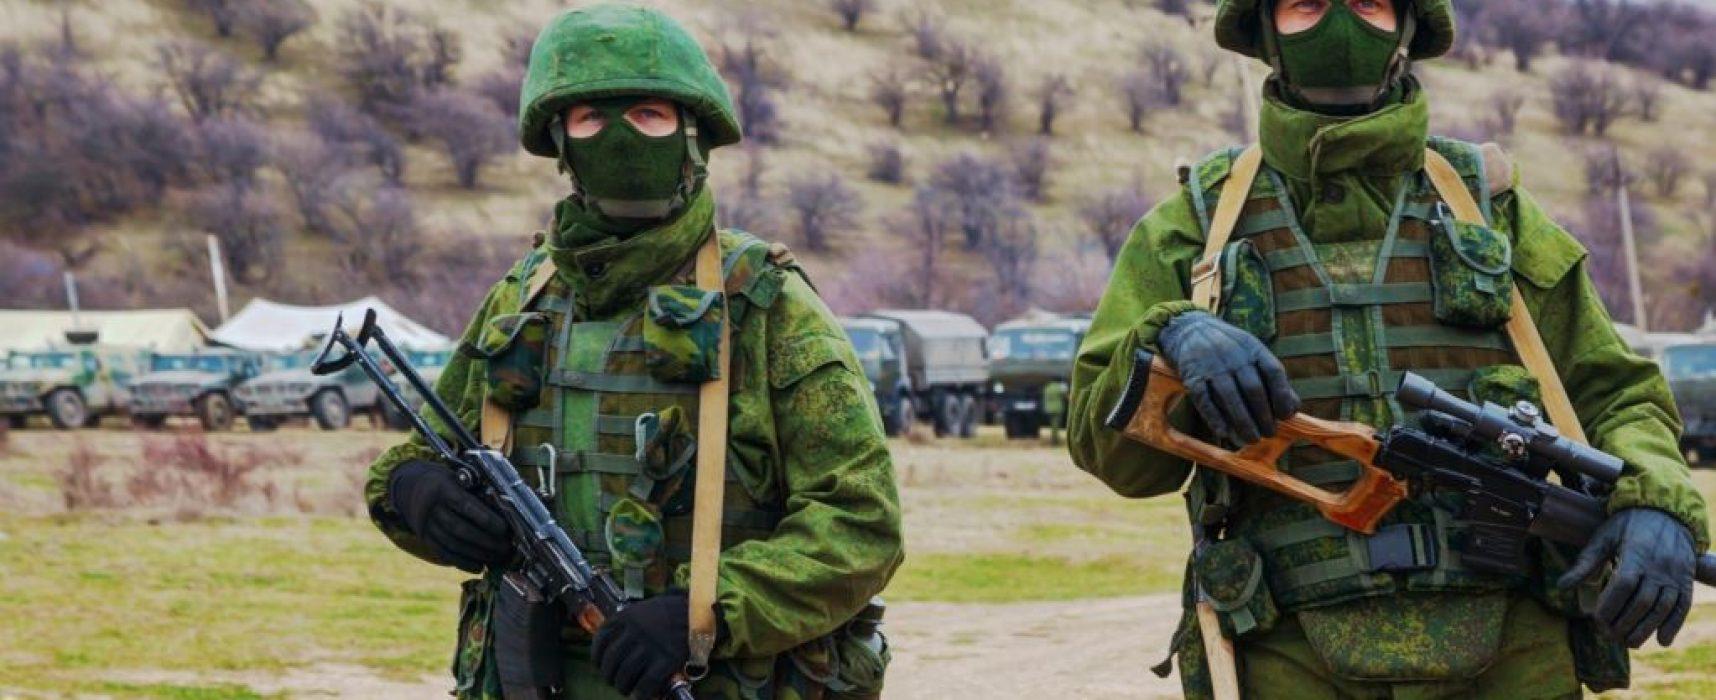 «Папка особого умысла». Как автор книги о спецоперации в Крыму подтвердил факт аннексии